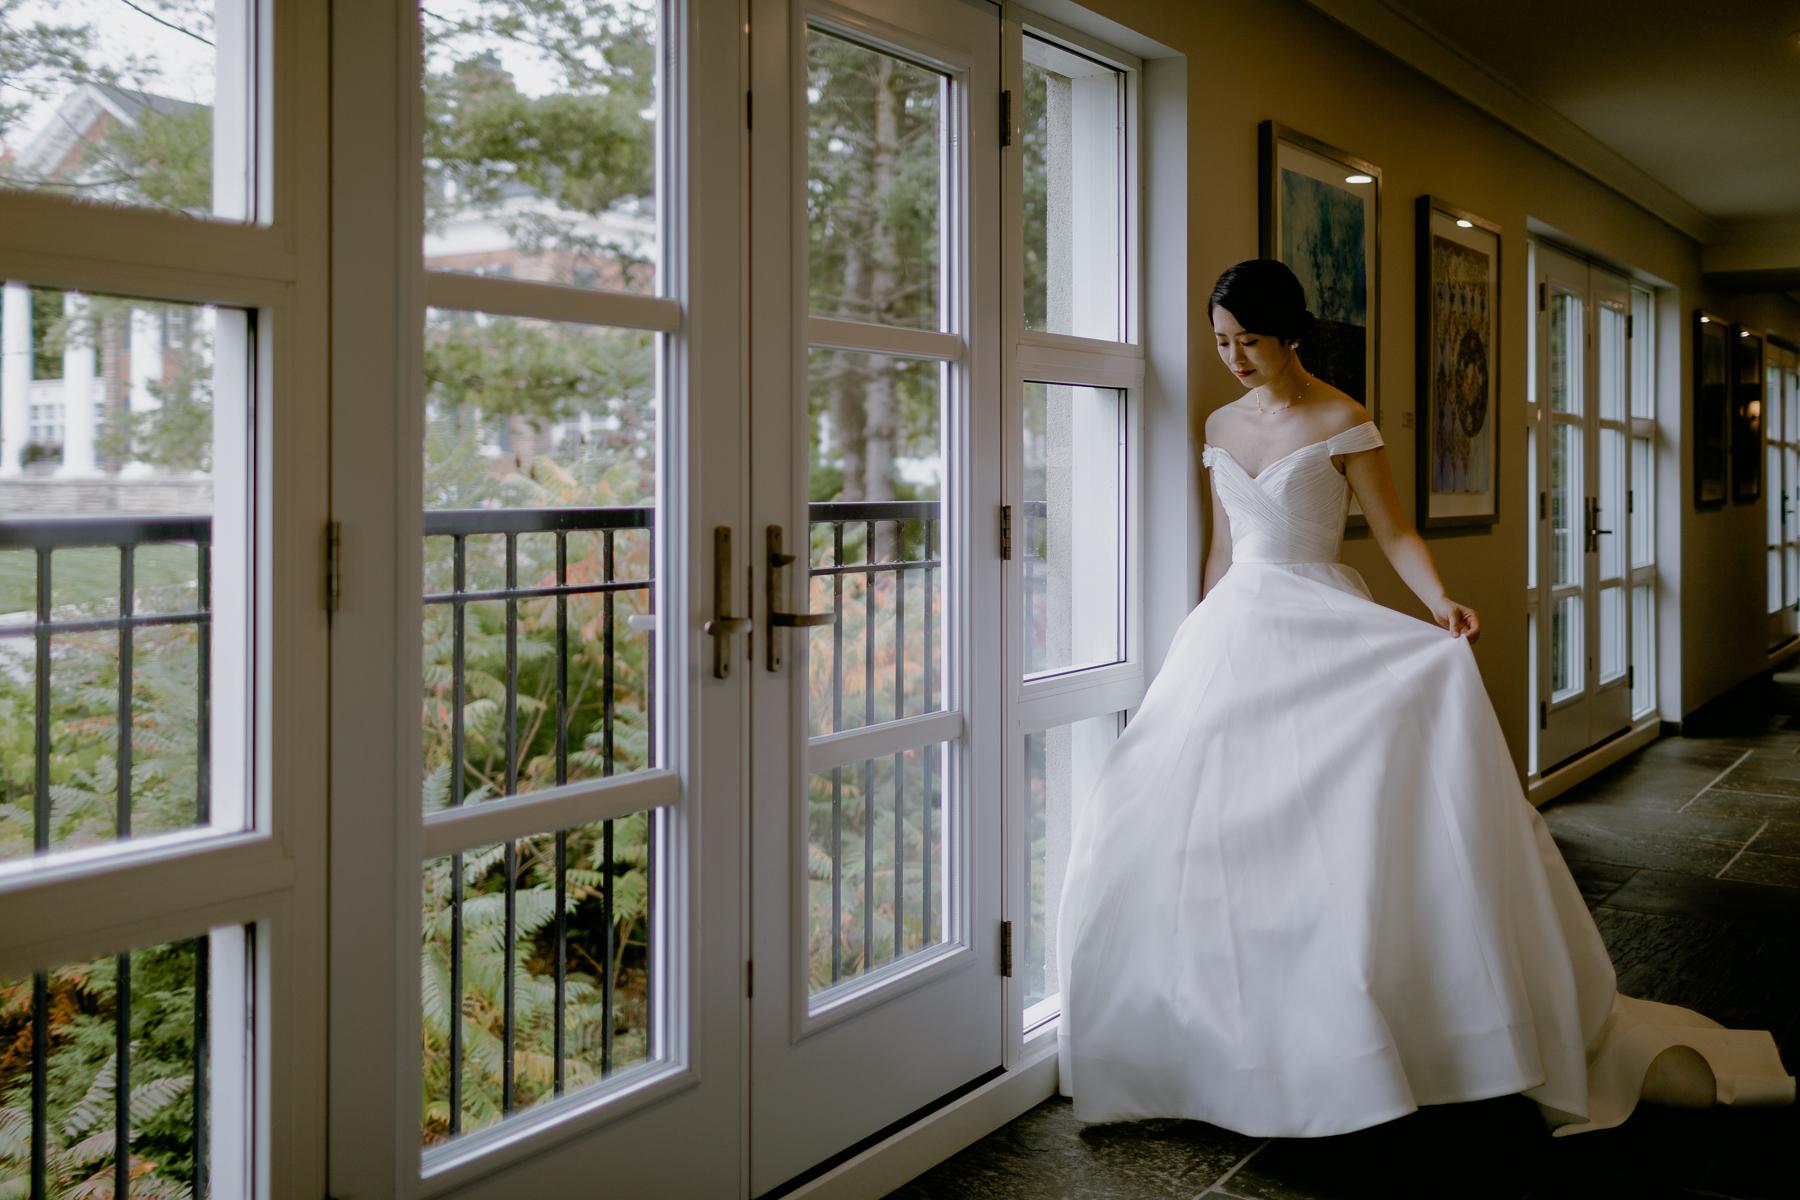 langdon-hall-wedding-markham-chinese-wedding-photographer 0027.jpg